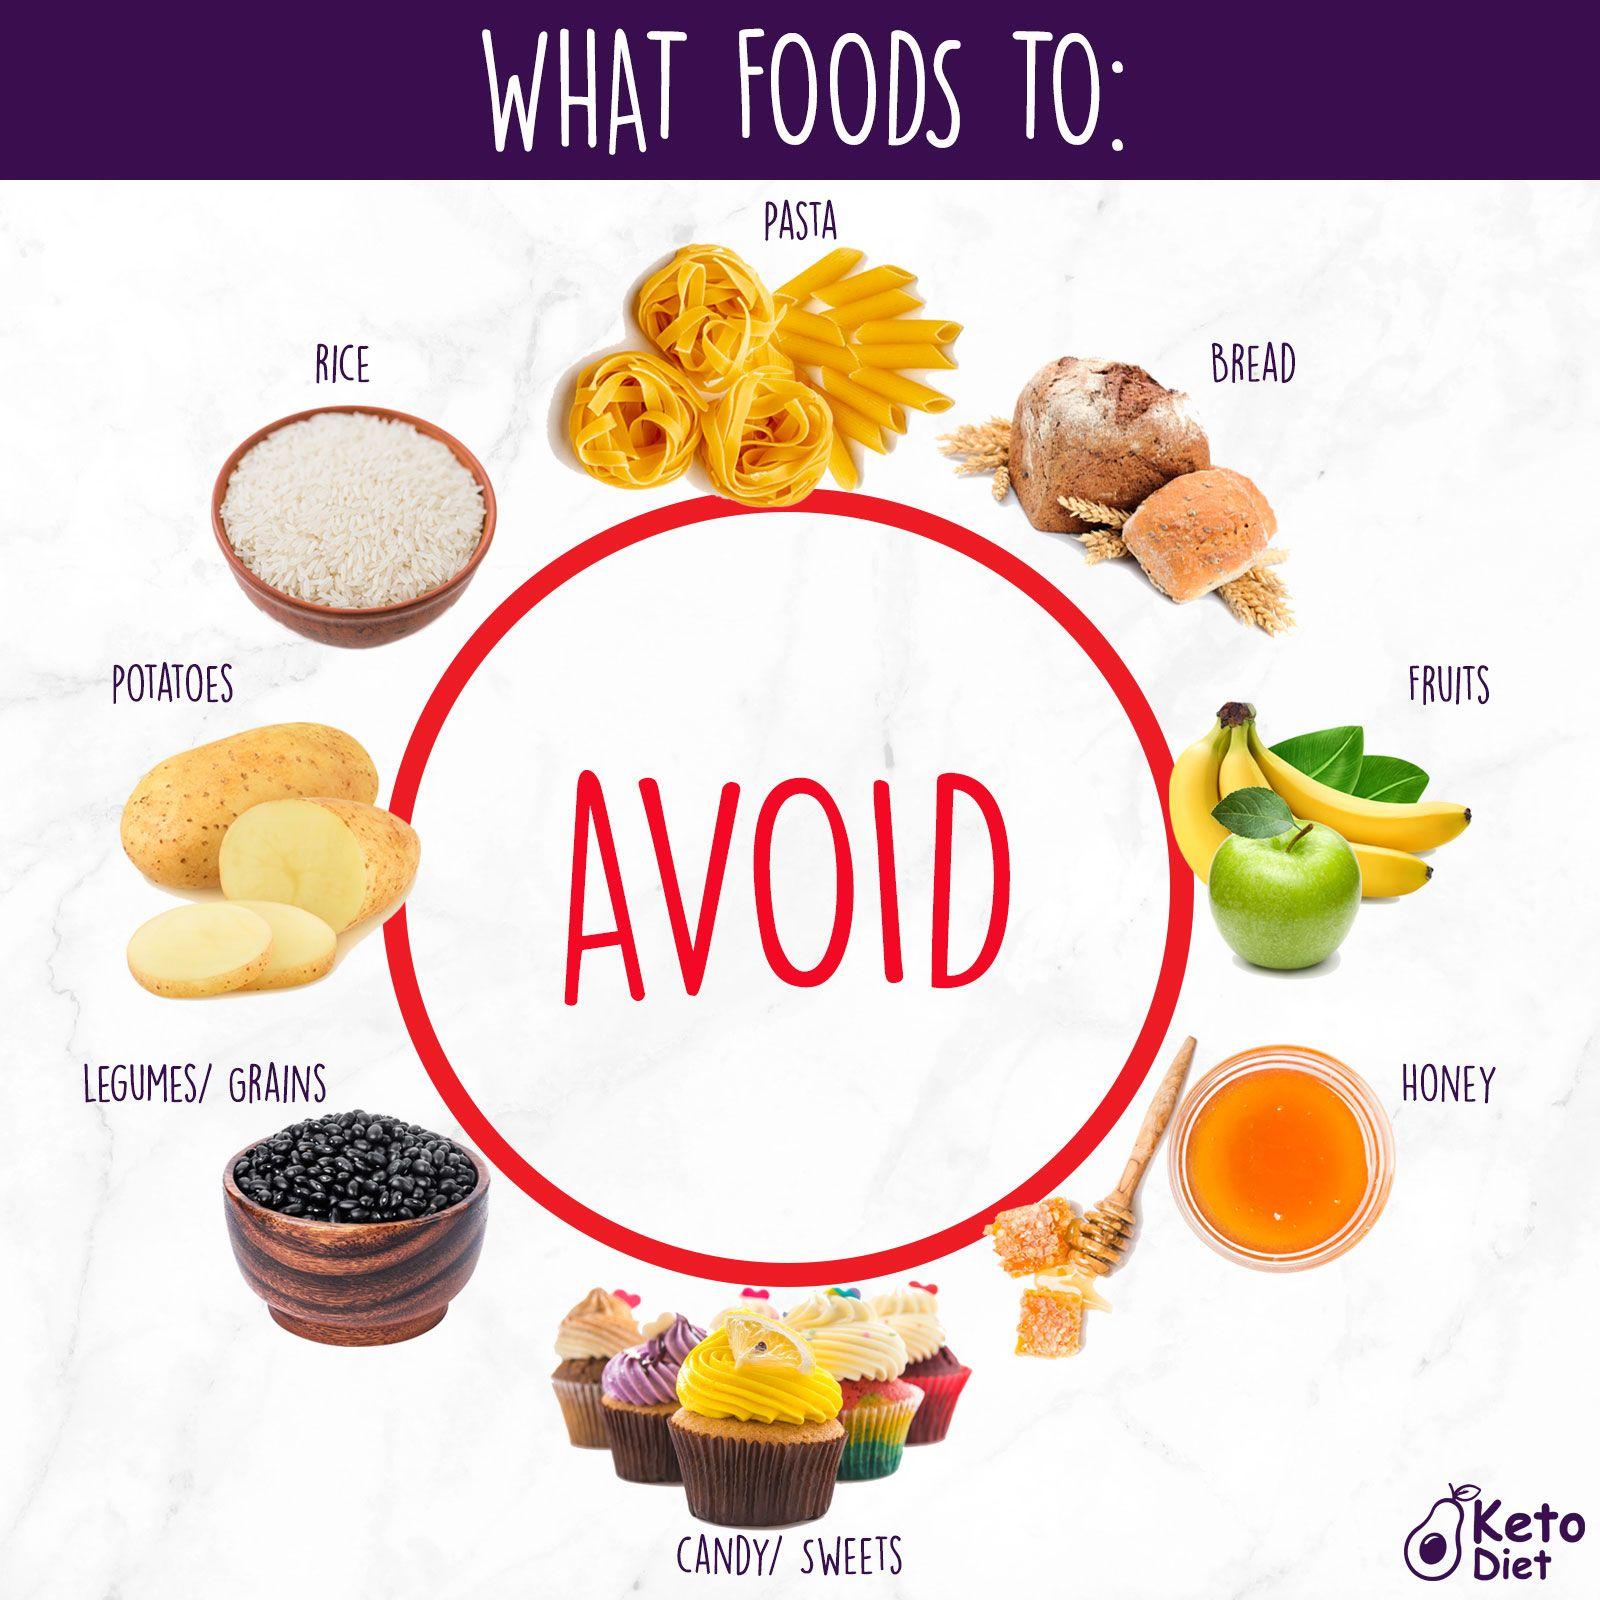 Avoid Foods Keto Diet Starting Keto Diet Keto Diet Recipes